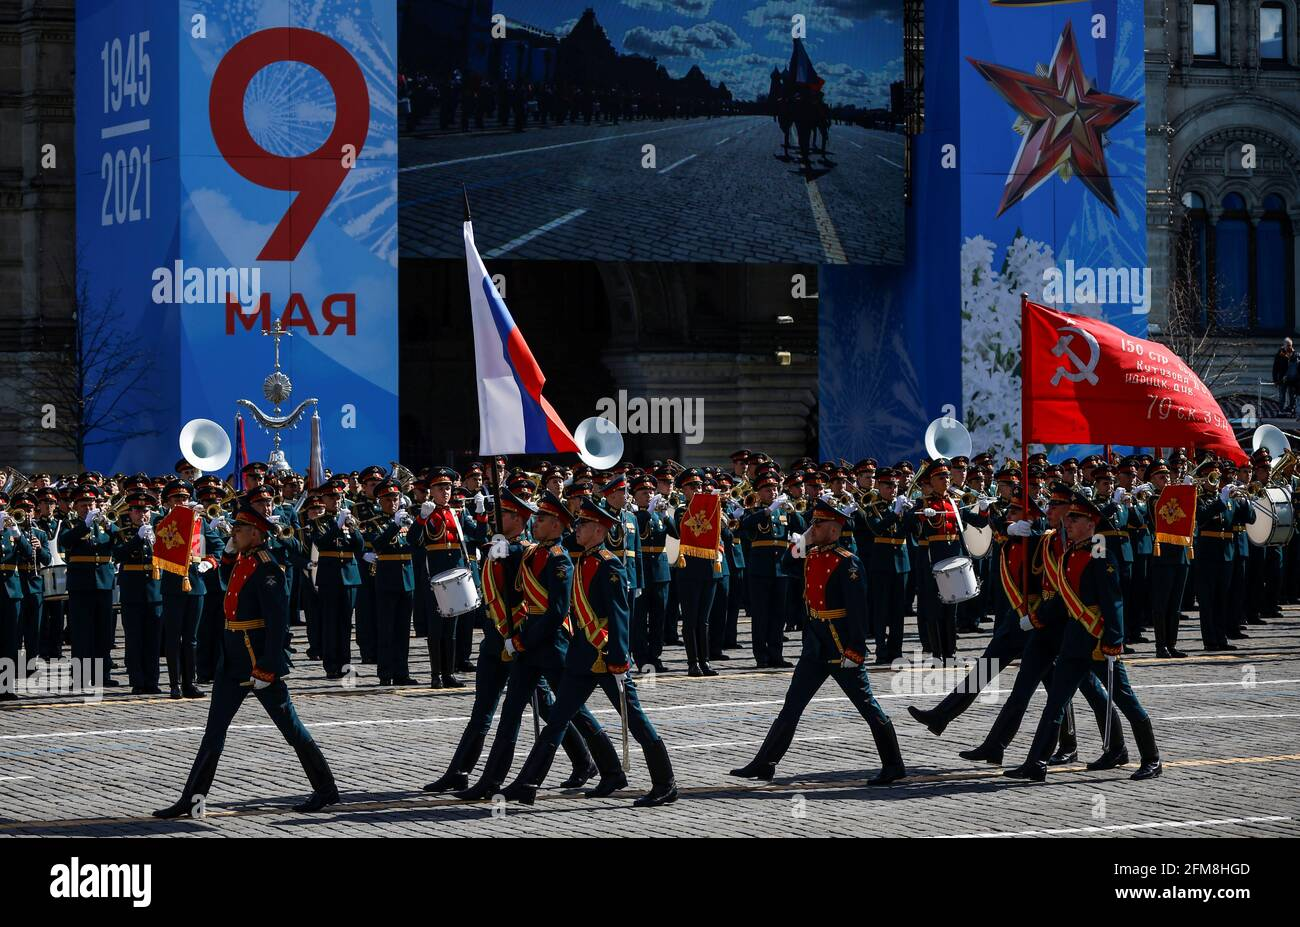 Russische Militärangehöriger marschieren während einer Generalprobe für die Parade zum Victory Day, die den Jahrestag des Sieges über Nazi-Deutschland im Zweiten Weltkrieg darstellt, auf dem Roten Platz im Zentrum von Moskau, Russland, am 7. Mai 2021. REUTERS/Maxim Shemetow Stockfoto